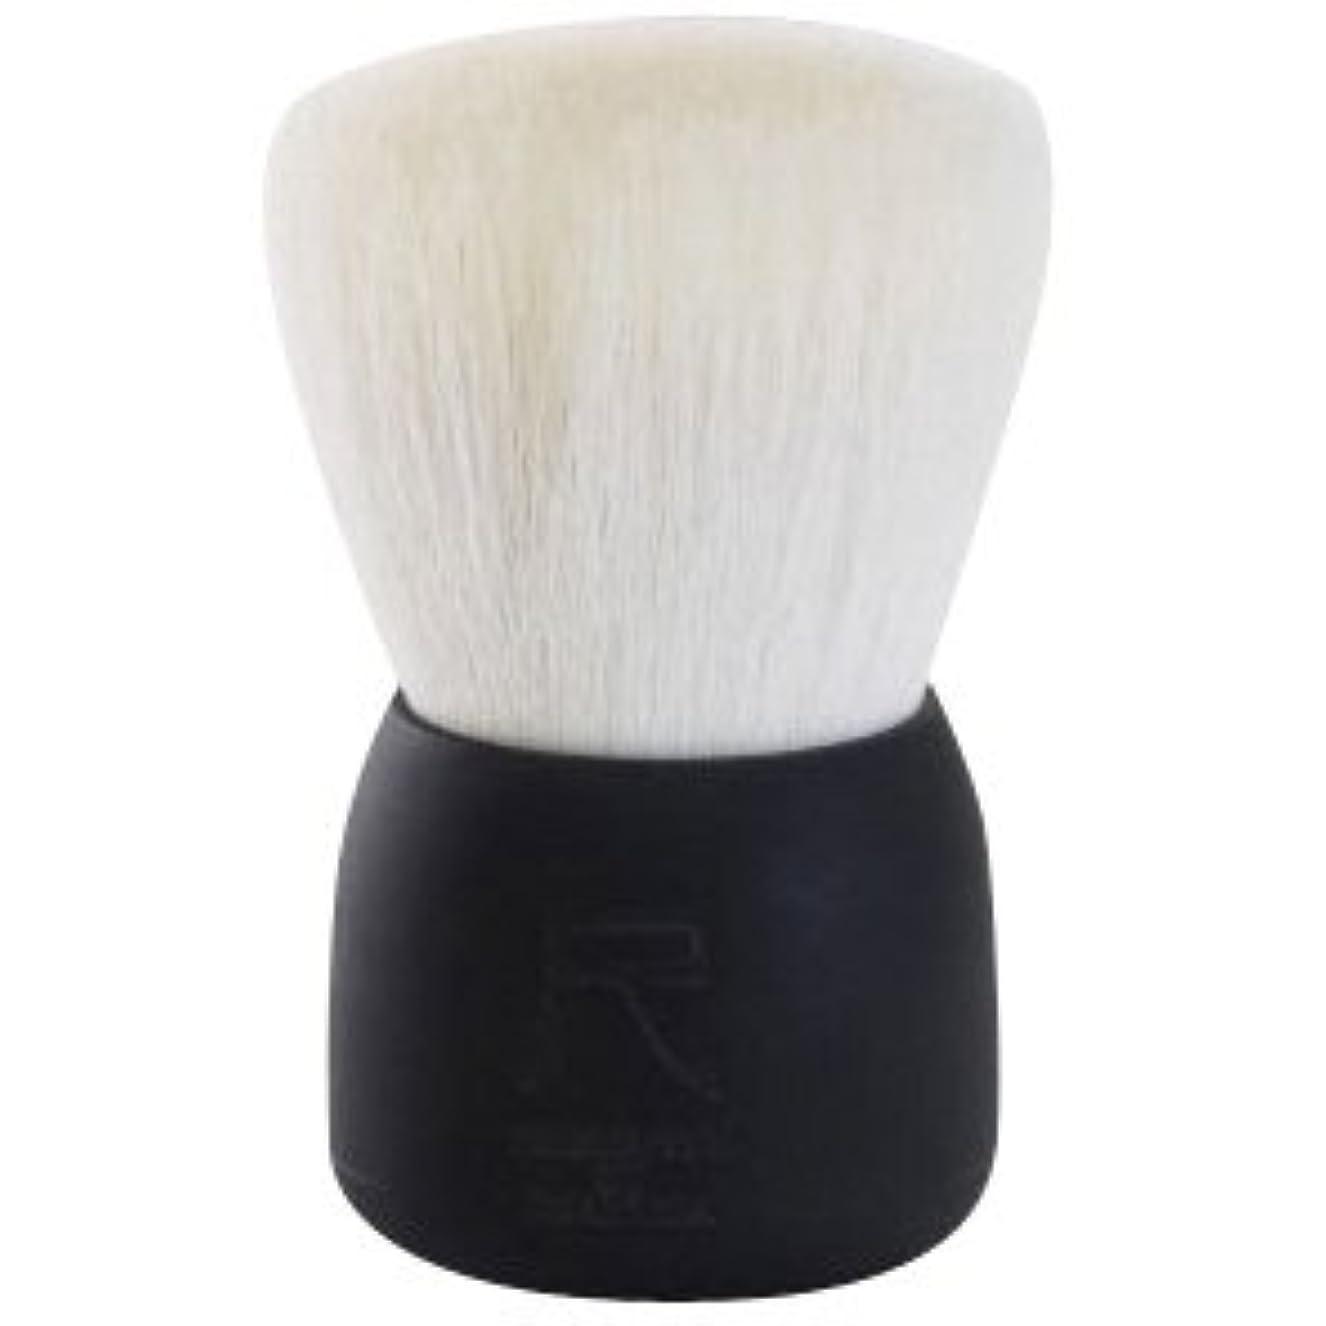 スーダンパラダイス王族毛筆生産地、熊野発「尺」ブランド『熊野筆「尺」洗顔ブラシ 黒』